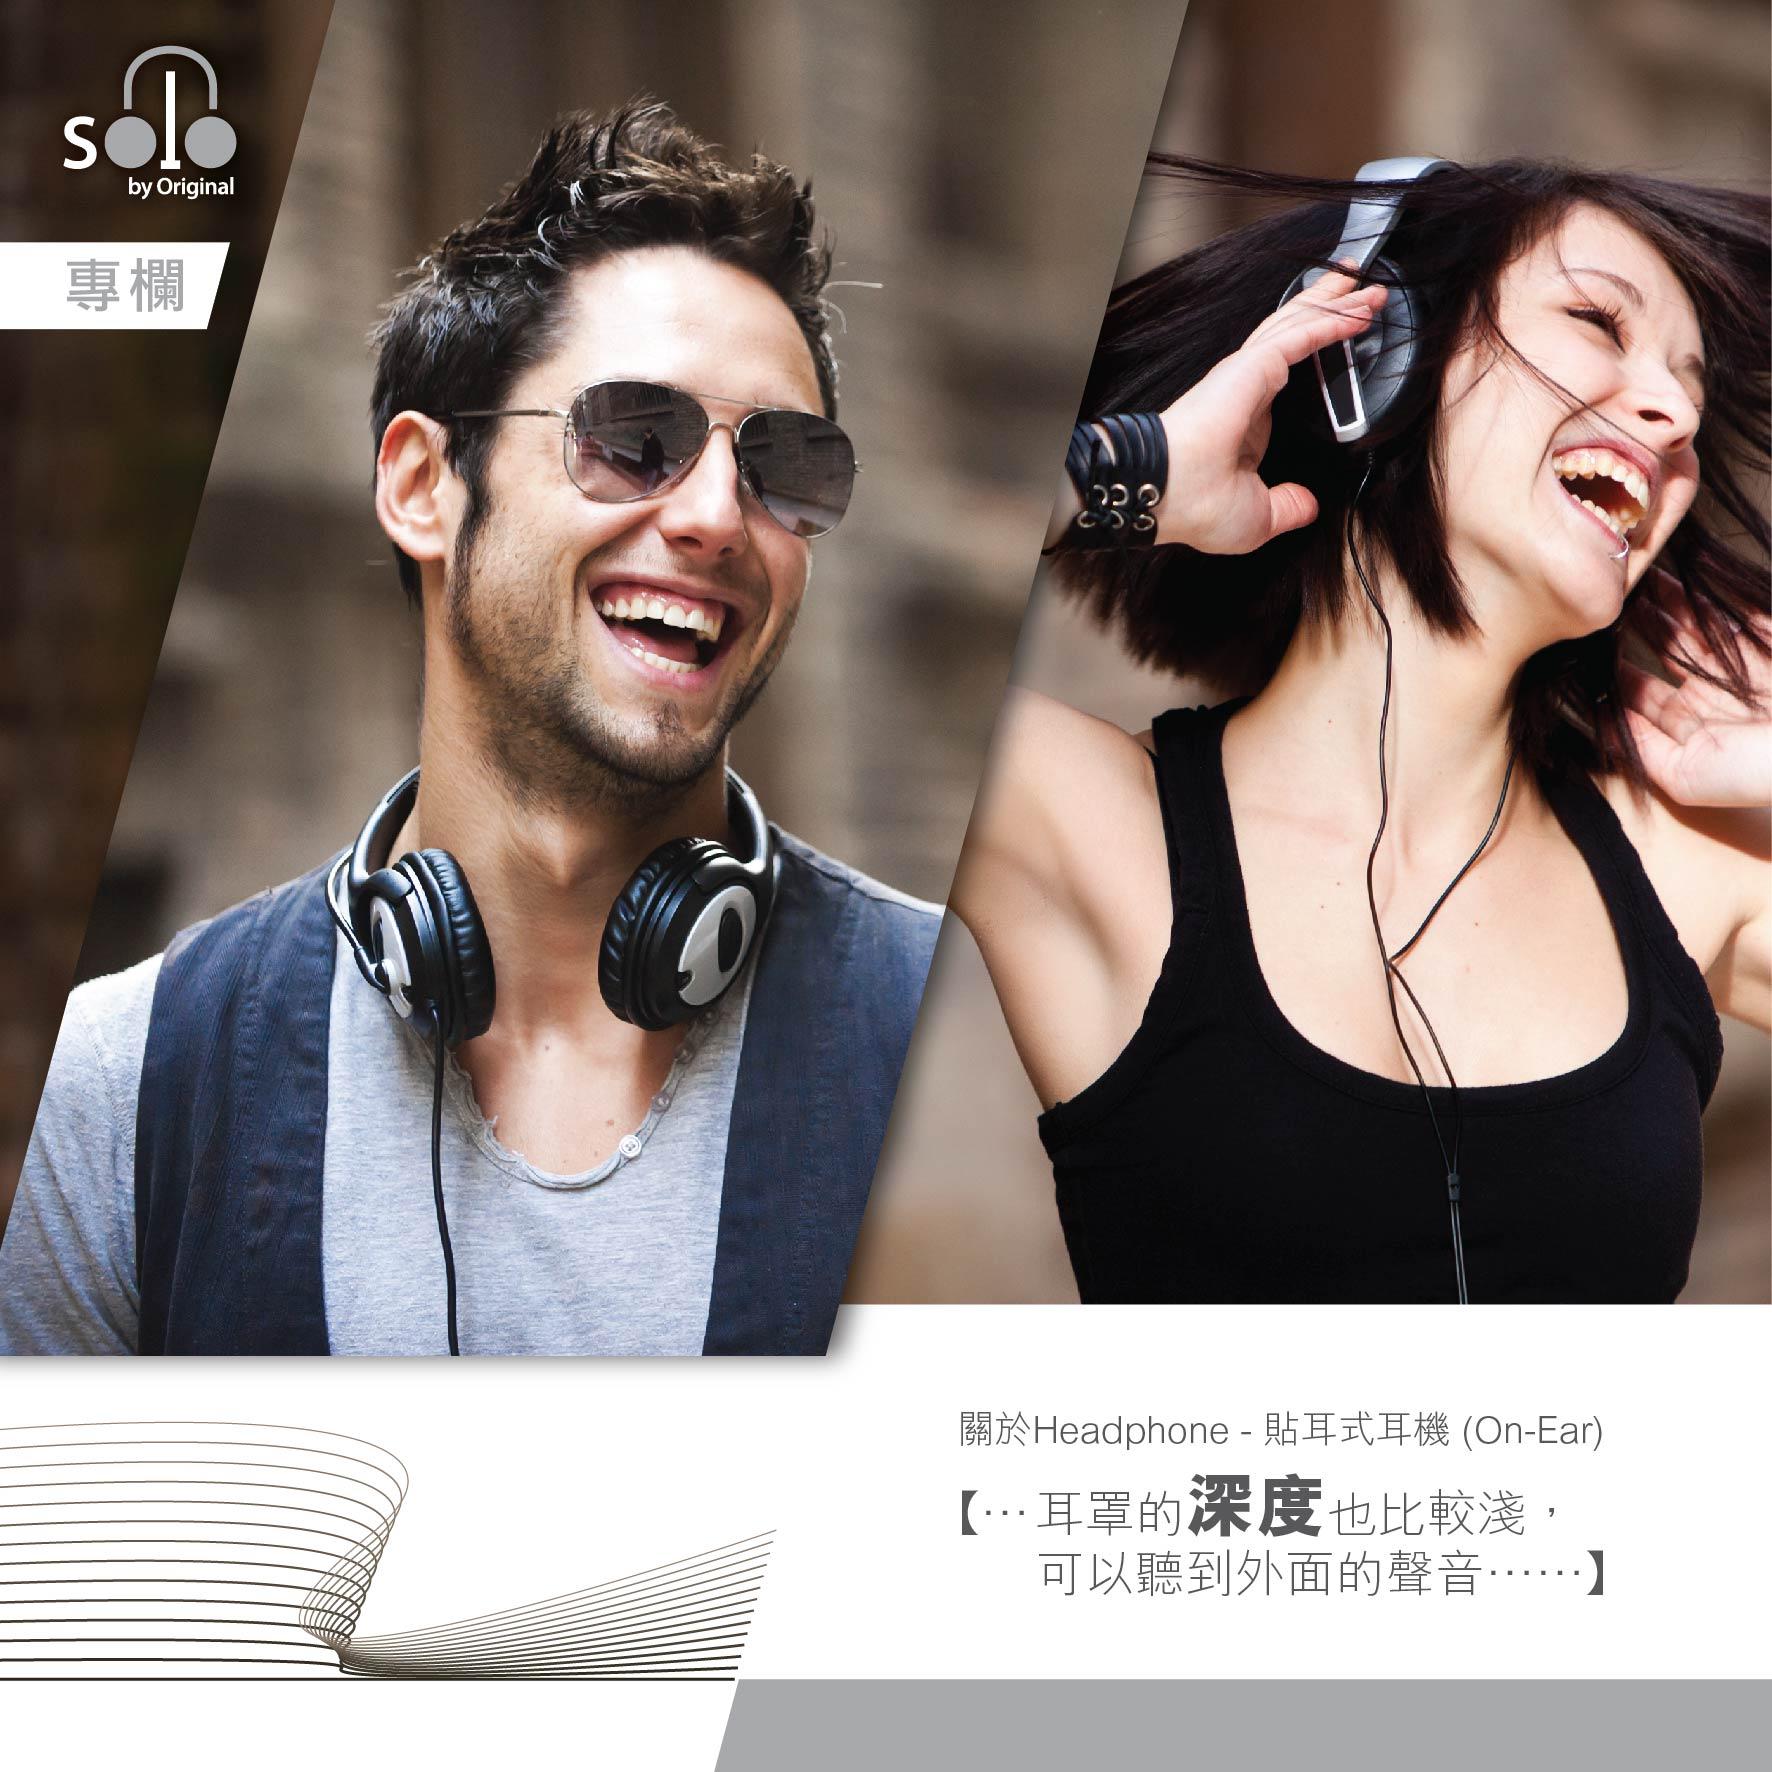 Headphone主要分為貼耳式耳機 (On-Ear) 和全罩頭戴式/蓋耳式耳機(Over-Ear)。   全罩頭戴式/蓋耳式耳機(Over-Ear):  一般屬於高階耳機,耳罩更大可包覆全耳,用料多半選用耐用的真皮和金屬材質,音質有一定水準,為音樂人、與聲音有關的工作者、Hi-End玩家必備。  好處:  •聲音表現好,真實,有臨場感(猶如置身錄音室、Hi-End音響室、電影院)。  •配戴舒適,大耳罩沒有貼耳式的壓迫感。  •有效降低對聽力的損傷。  不足之處:  •定價較入門型號高。  •體積大、較笨重,適合於室內使用,不方便攜帶出外。  •容易會夾到眼鏡。